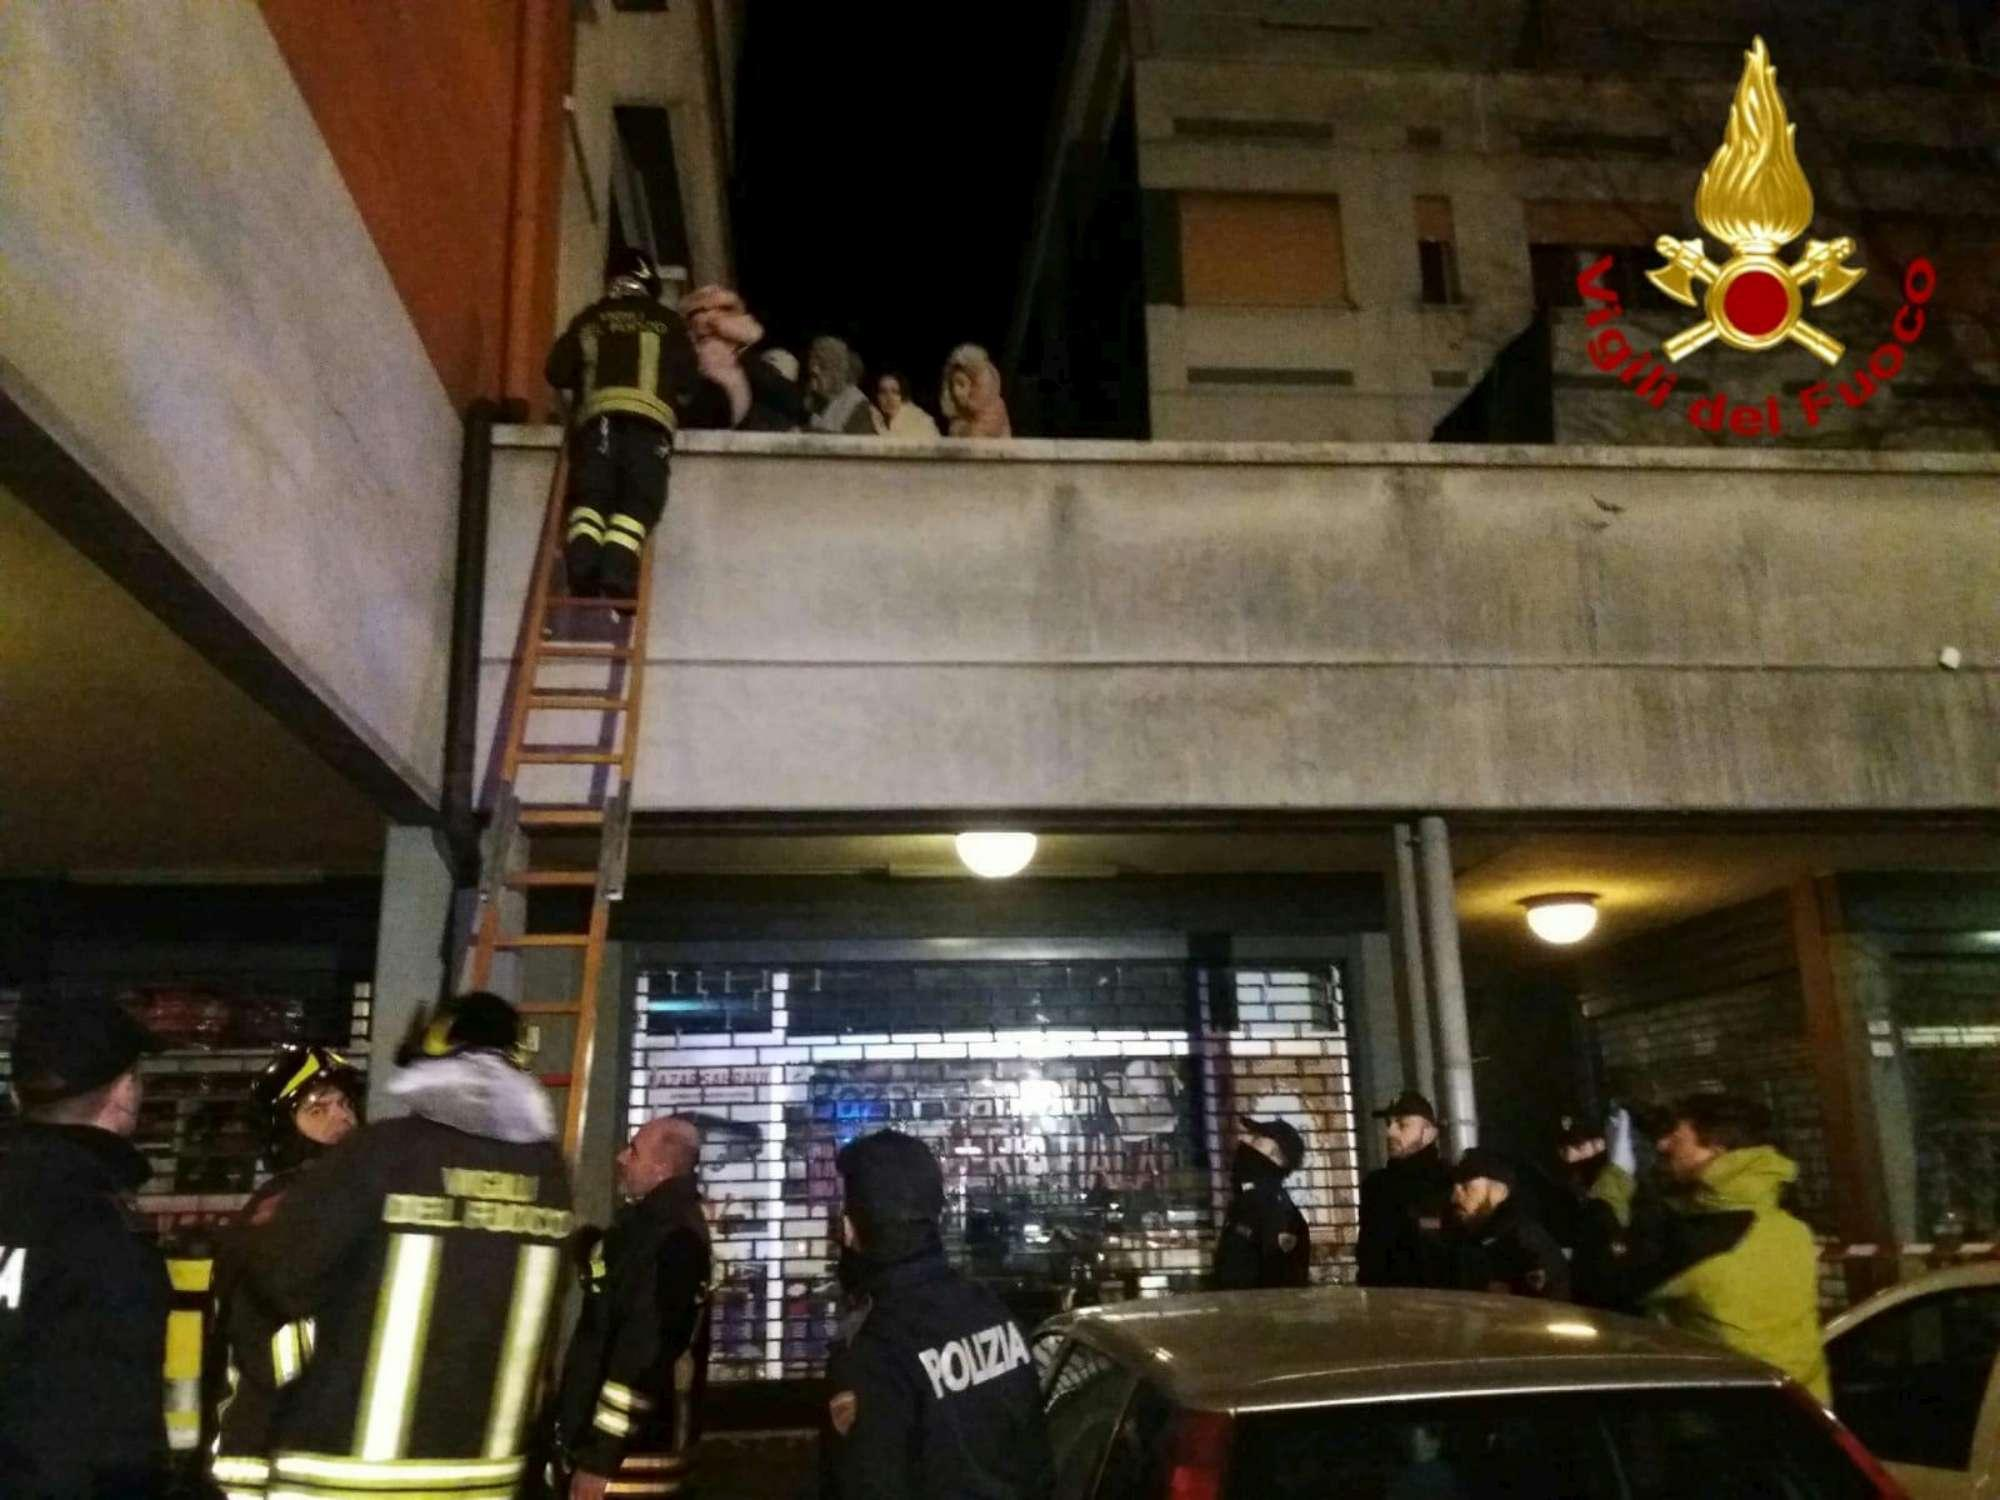 Incendio in un palazzo a Reggio Emilia: ci sono vittime